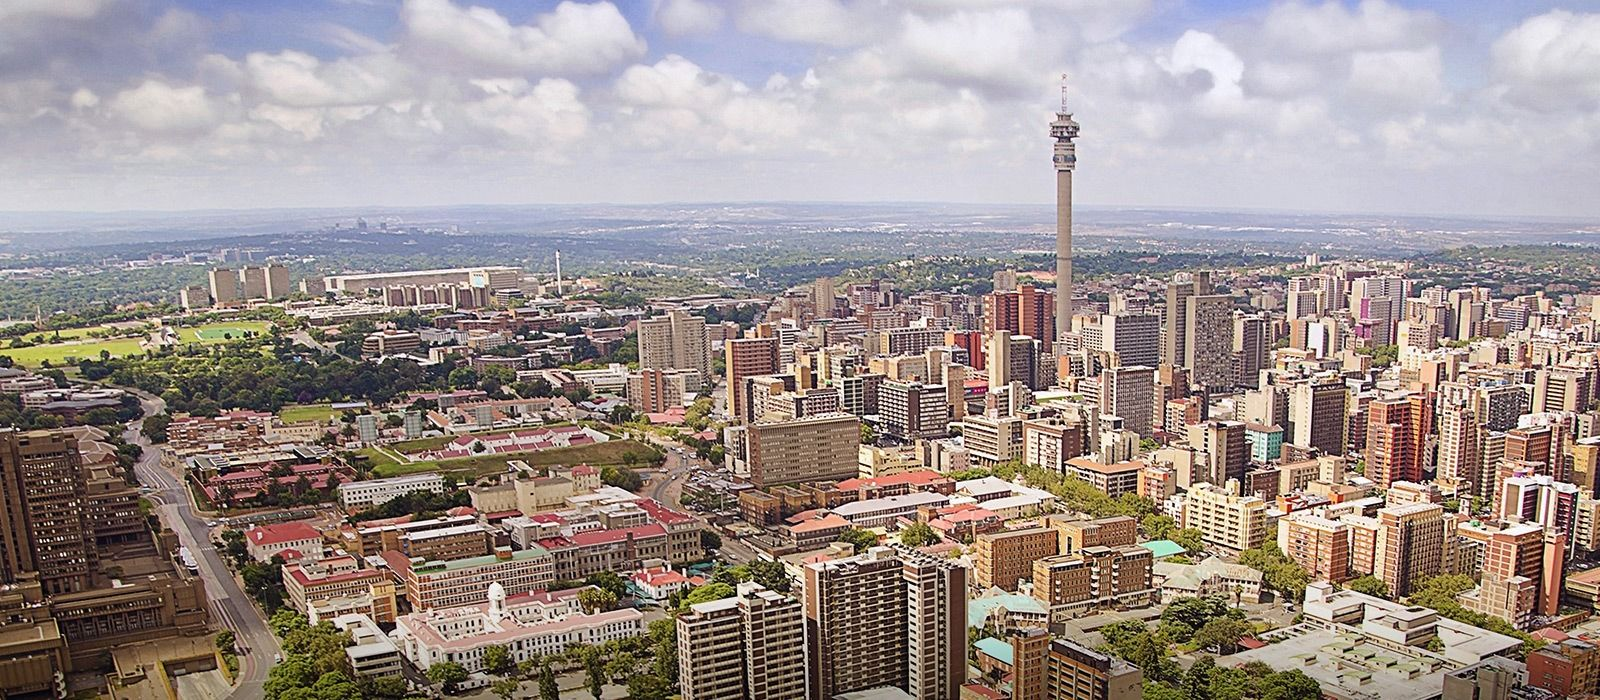 Große Rundreise im südlichen Afrika Urlaub 7